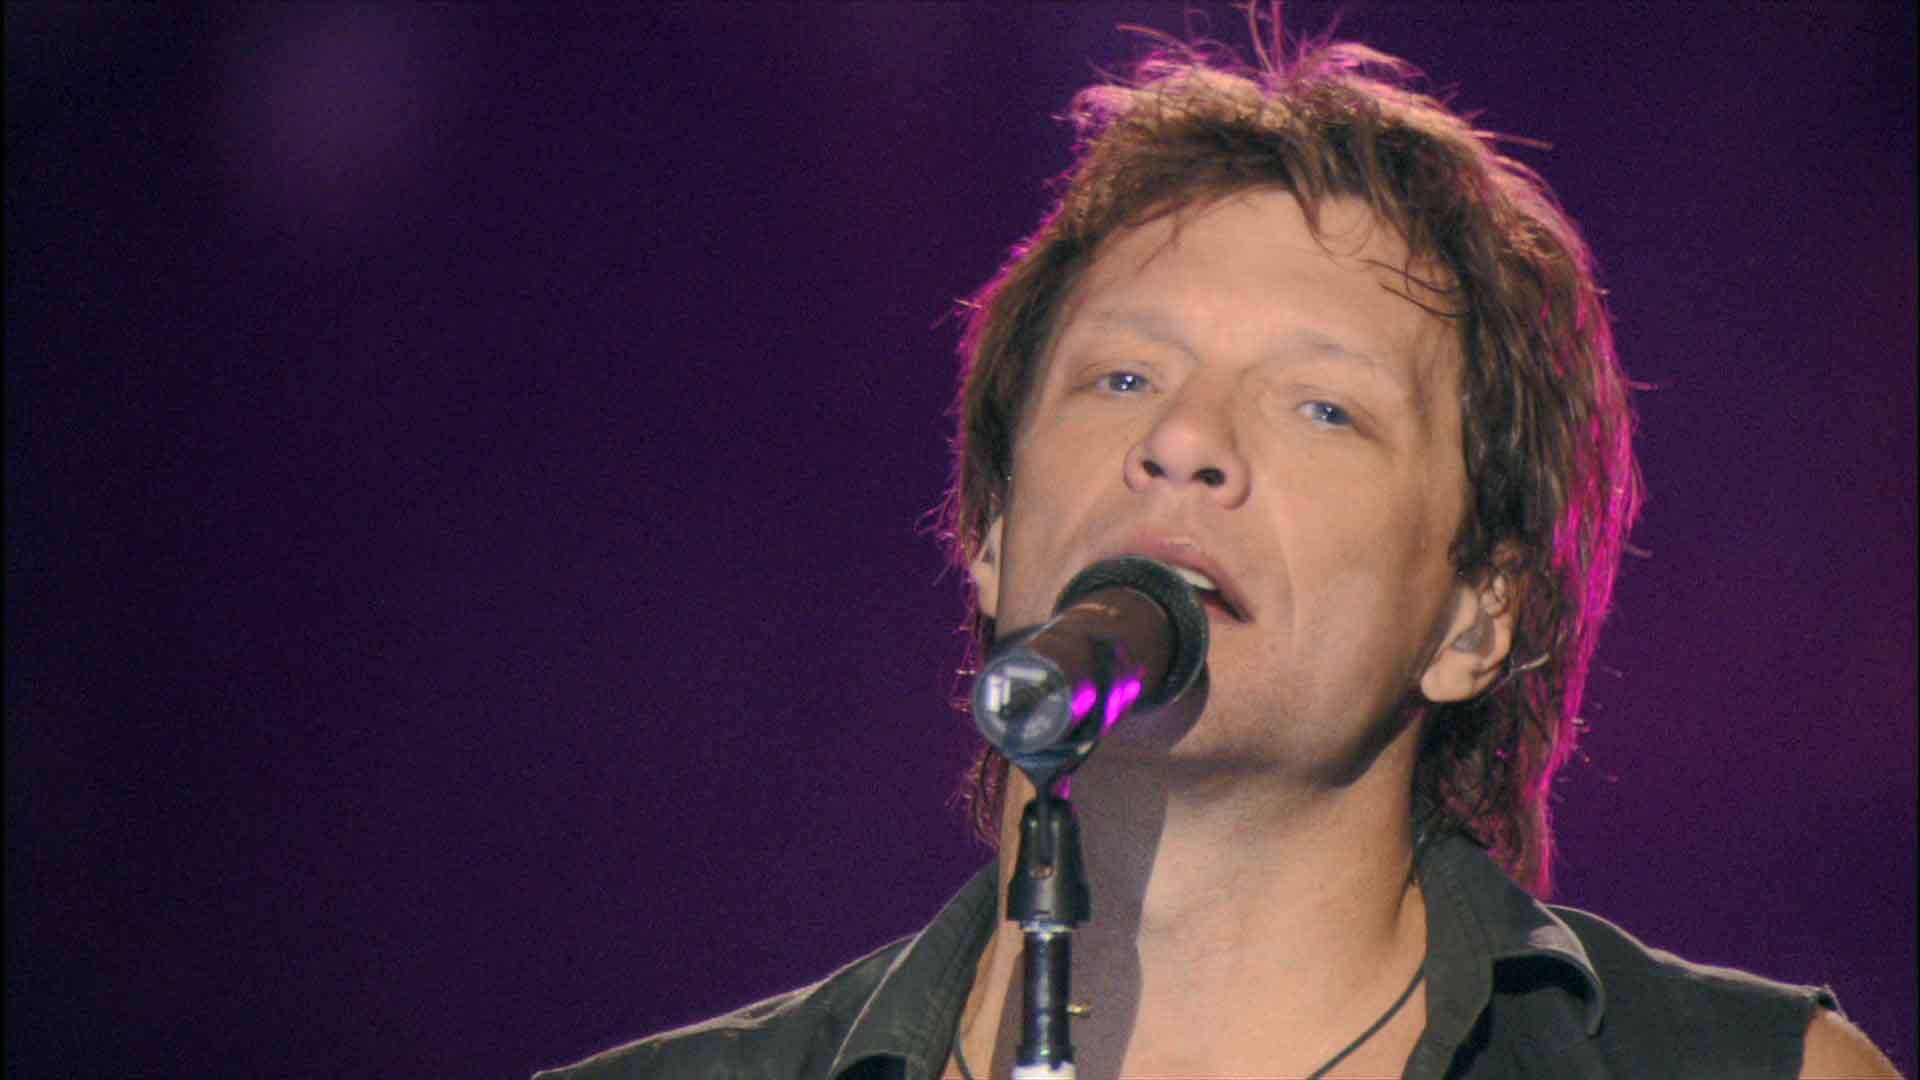 [蓝光原盘] 邦·乔维 麦迪逊花园演唱会Bon Jovi - Live at Madison Square Garden 2008《BDMV 42.1G》